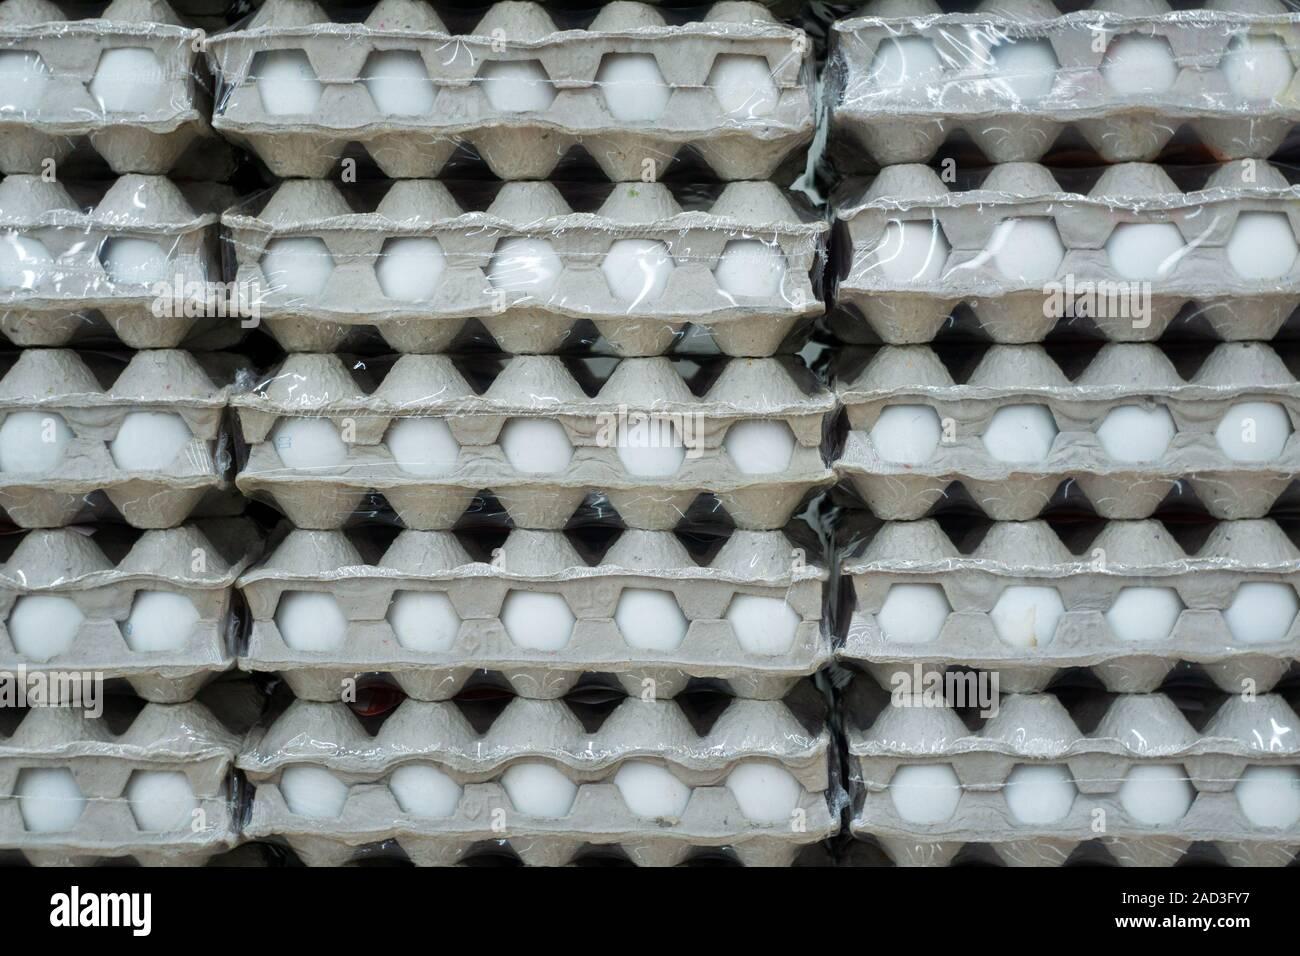 Muchas de las cajas de huevos aparece en supermercados para la venta. Foto de stock